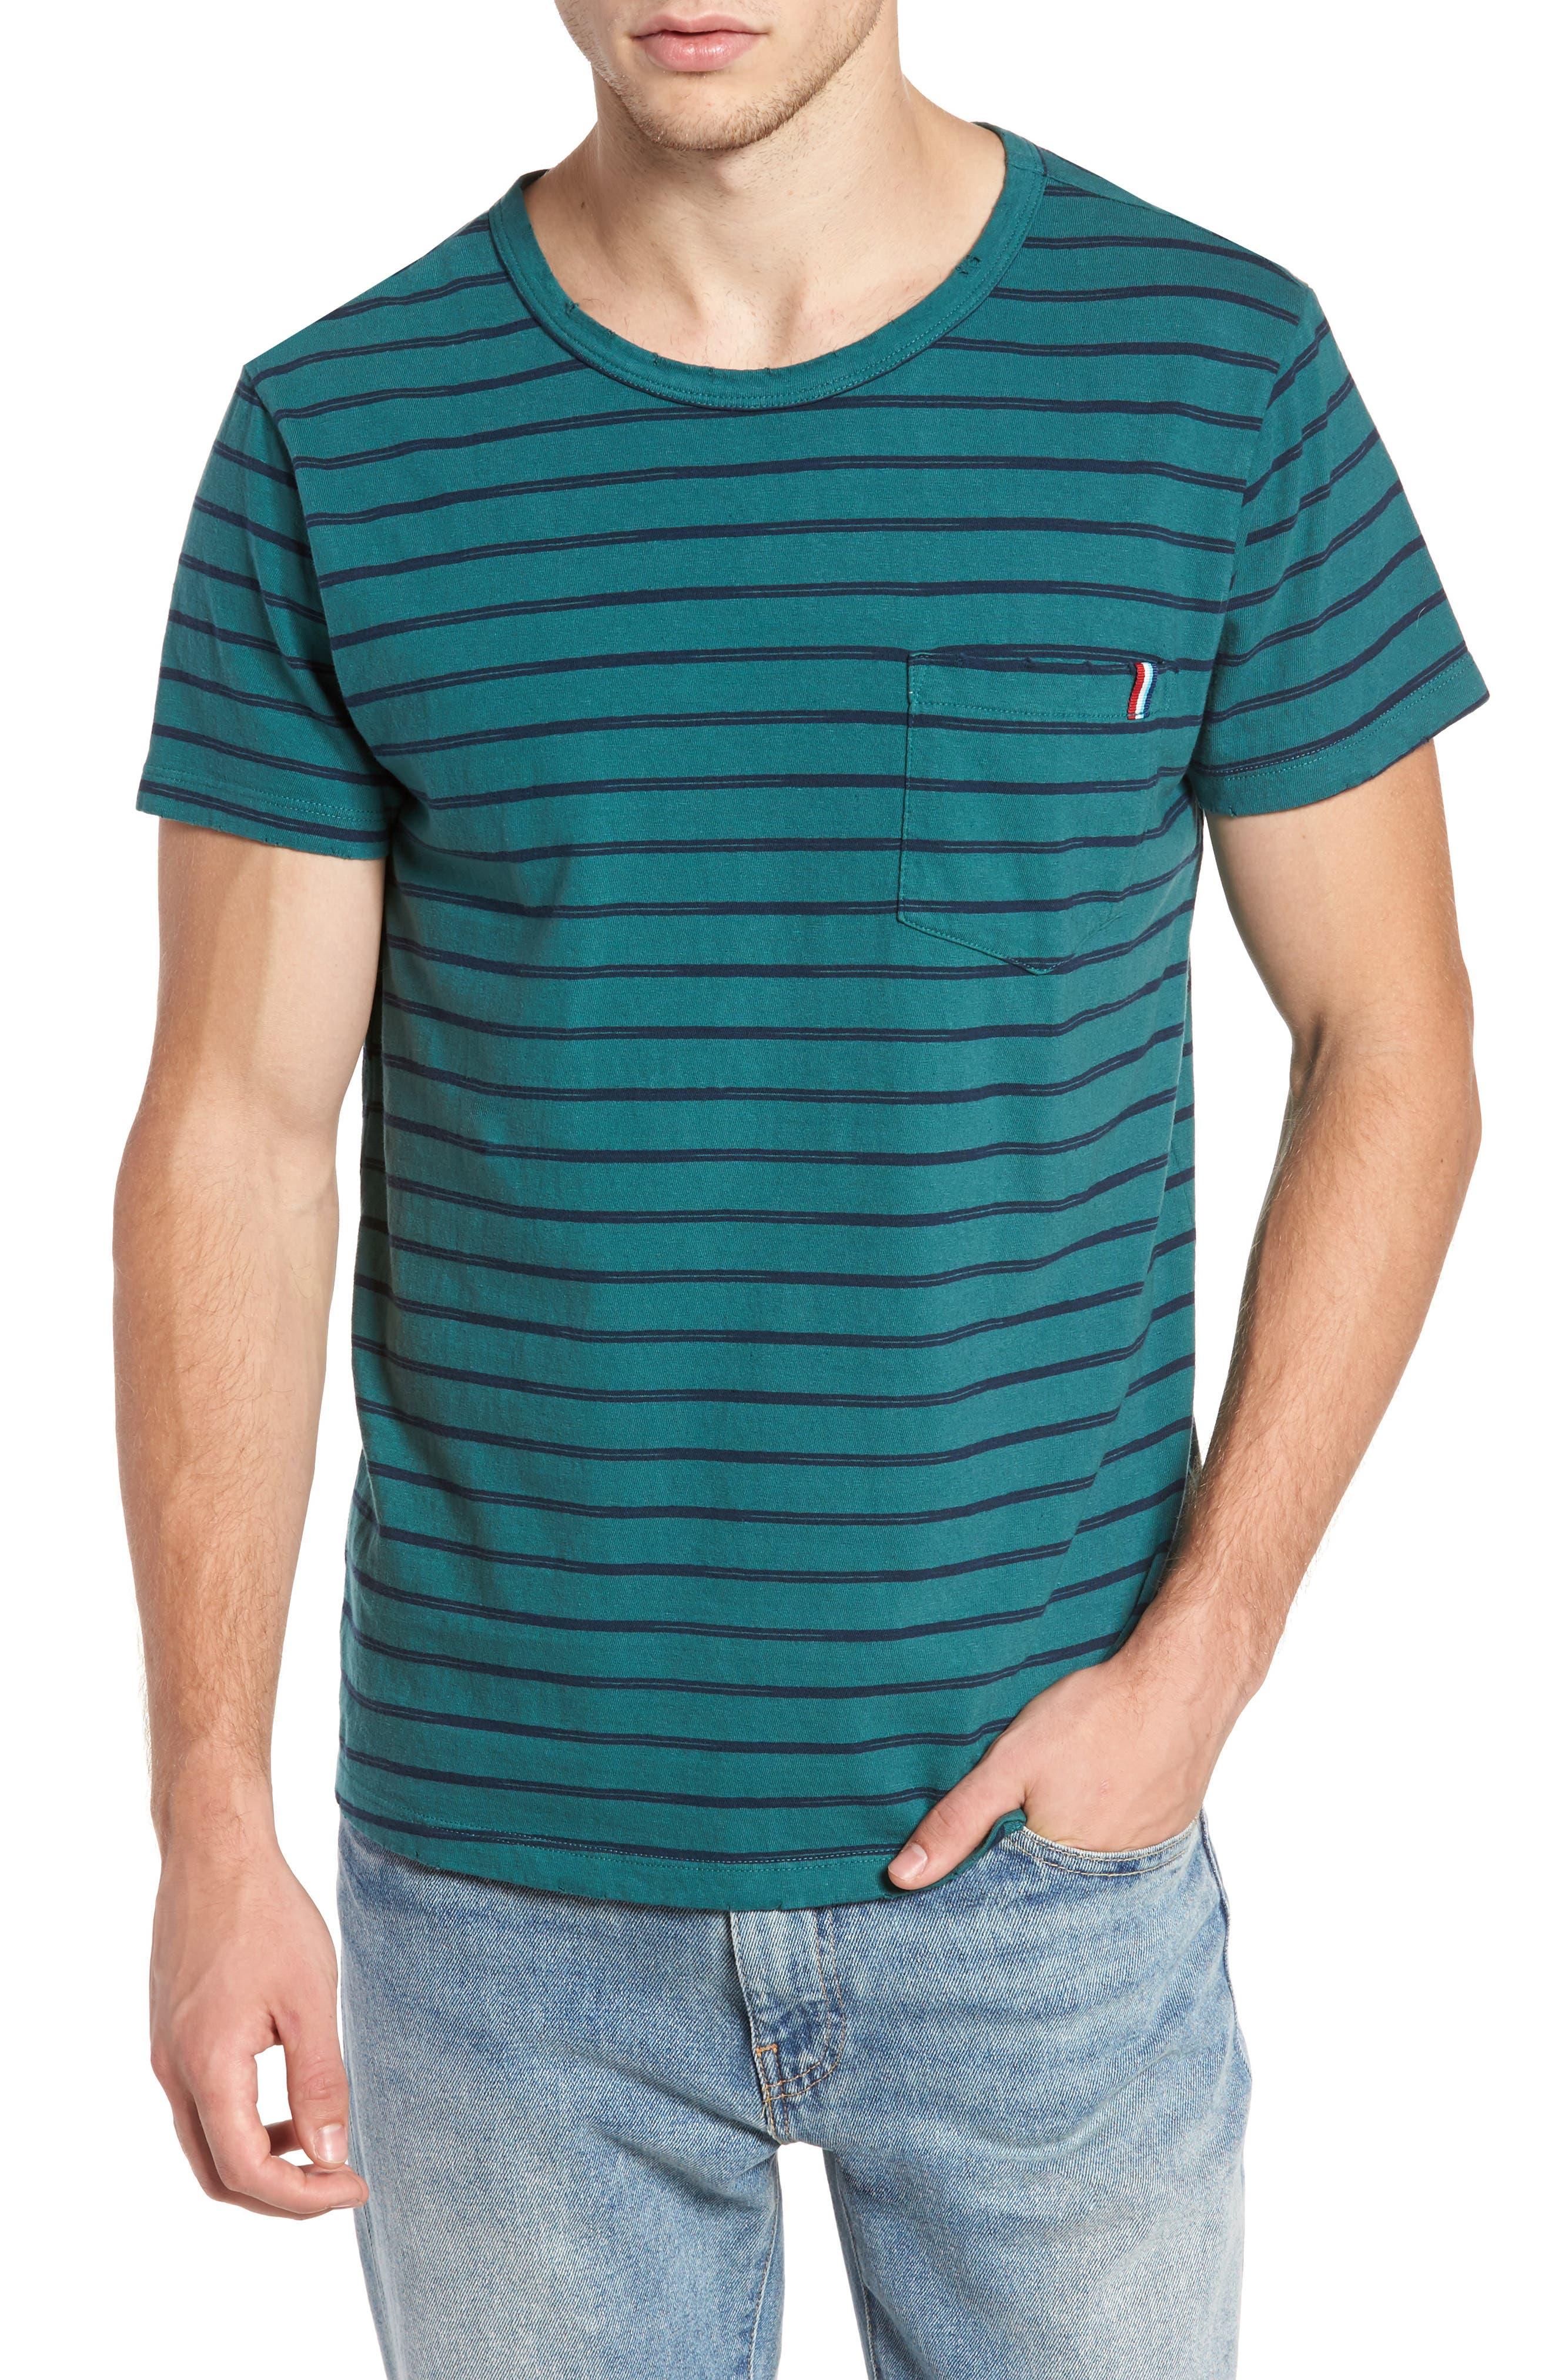 Main Image - Sol Angeles Vintage Stripe Pocket T-Shirt